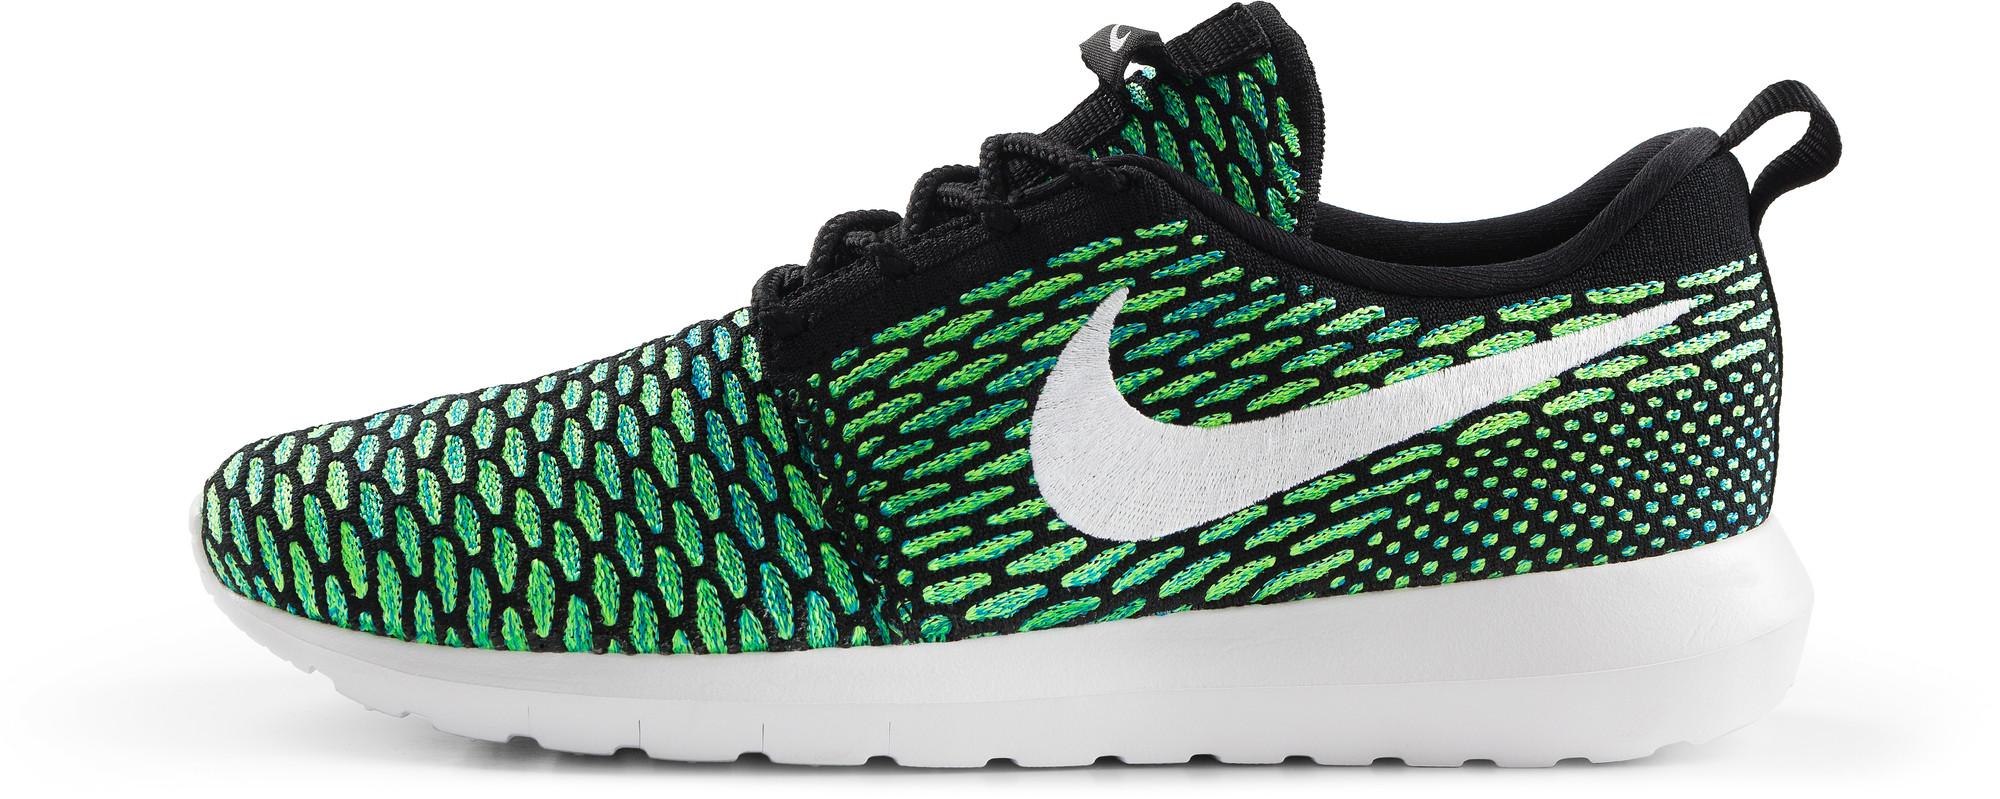 RS114928_Foot Locker_Nike_Roshe_NM_Flyknit_black_white_voltage-green-lpr